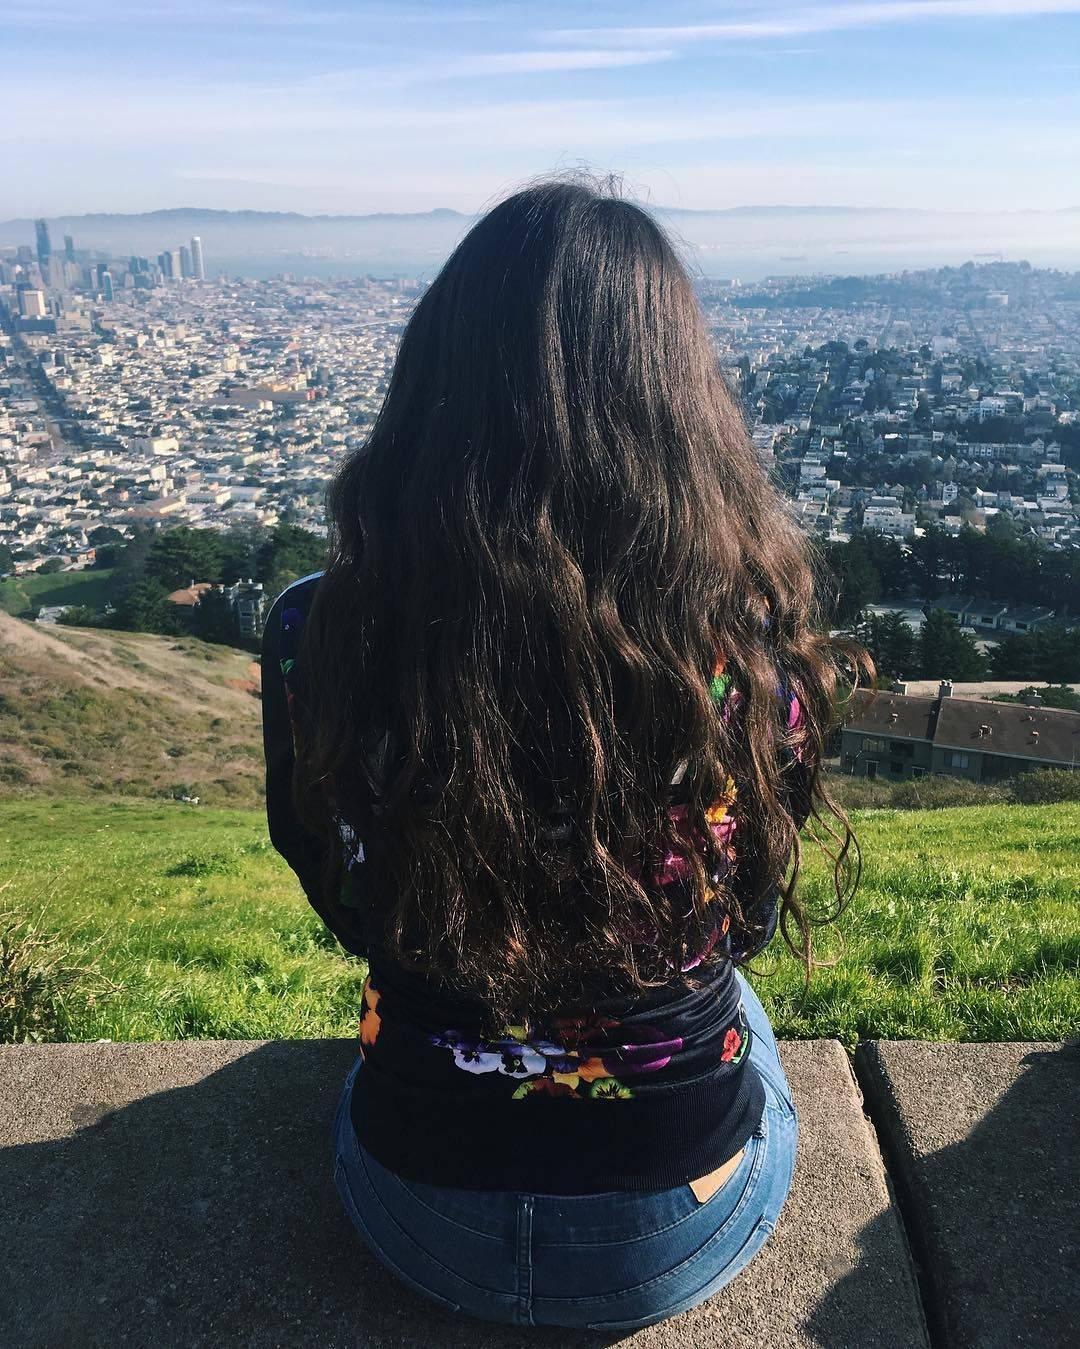 Брюнетки с длинными волосами со спины. как сделать фото красиво девушки на аву, без лица, лучшие идеи